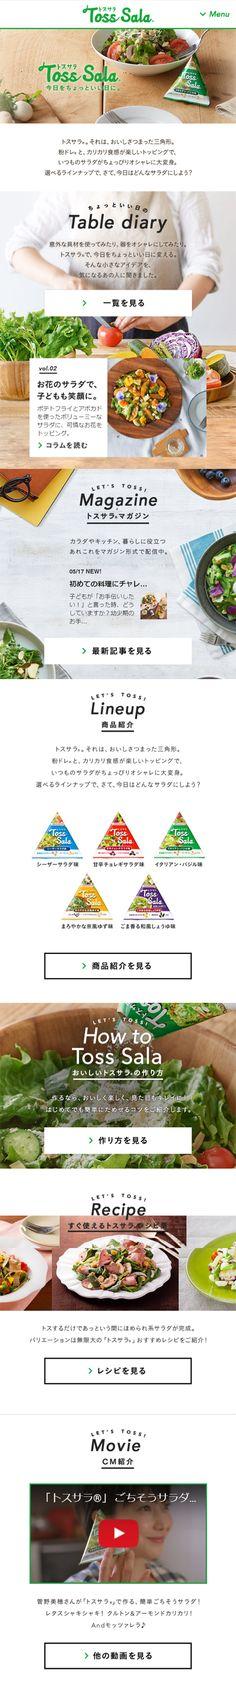 Toss Sala|WEBデザイナーさん必見!スマホランディングページのデザイン参考に(シンプル系)